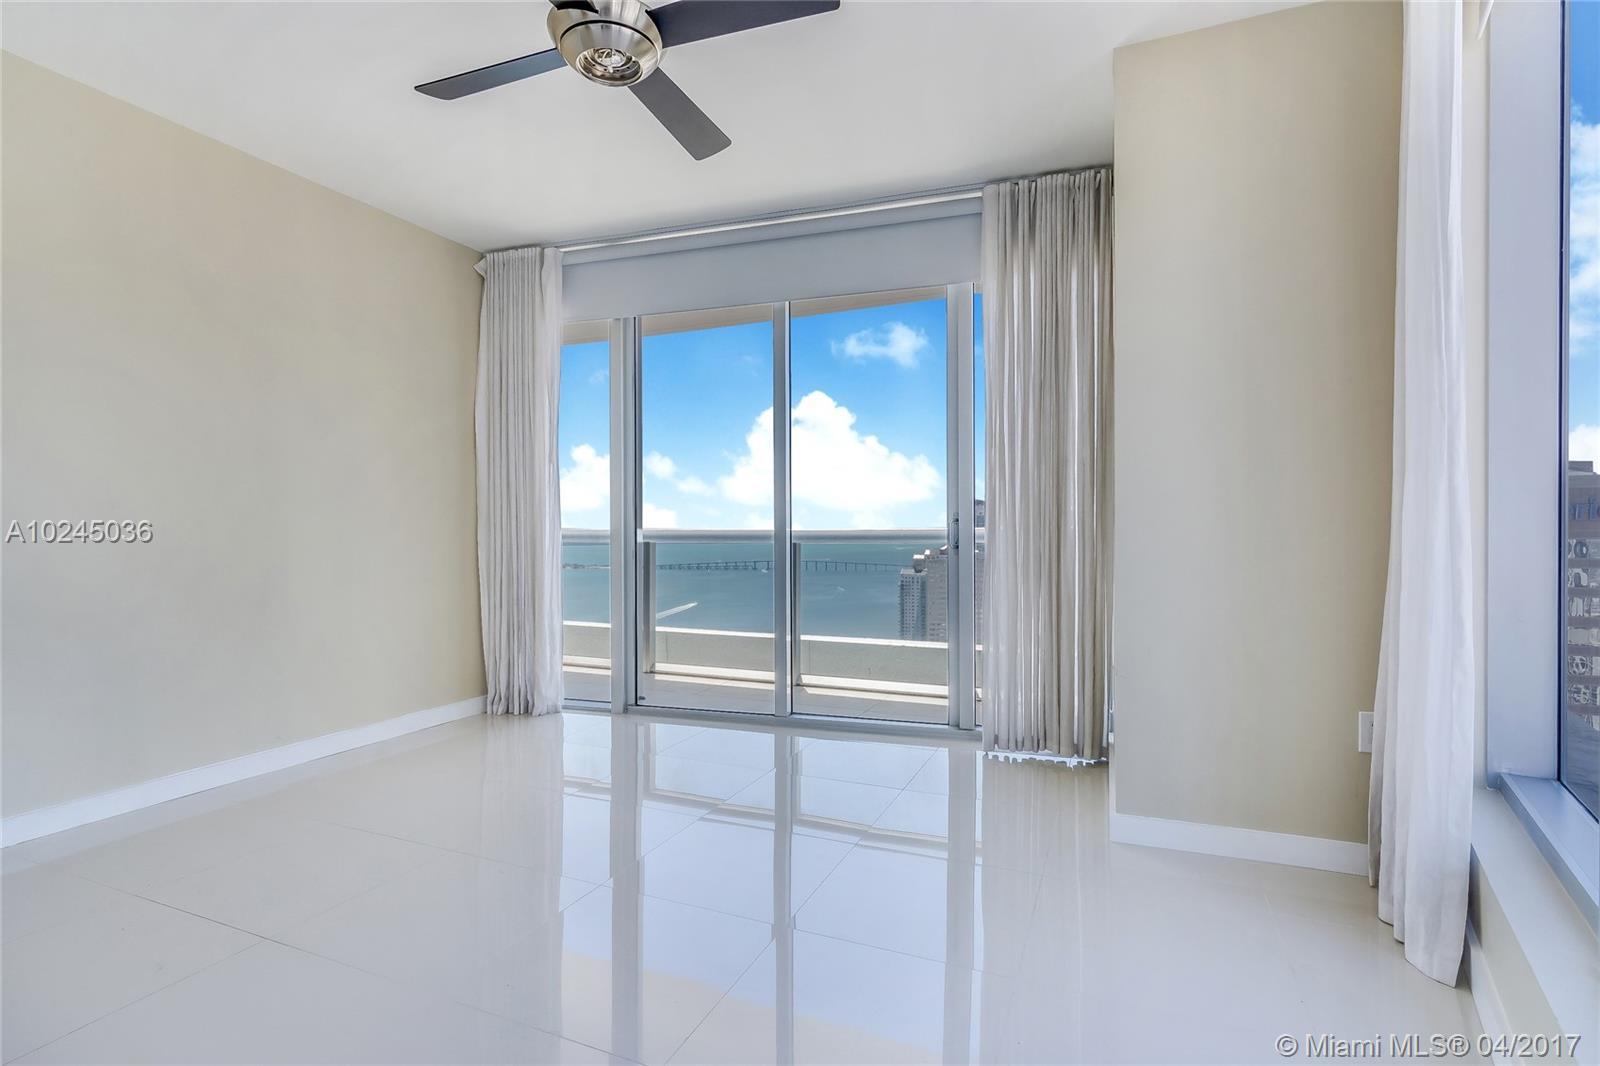 495 Brickell Ave # 4211, Miami, FL 33131